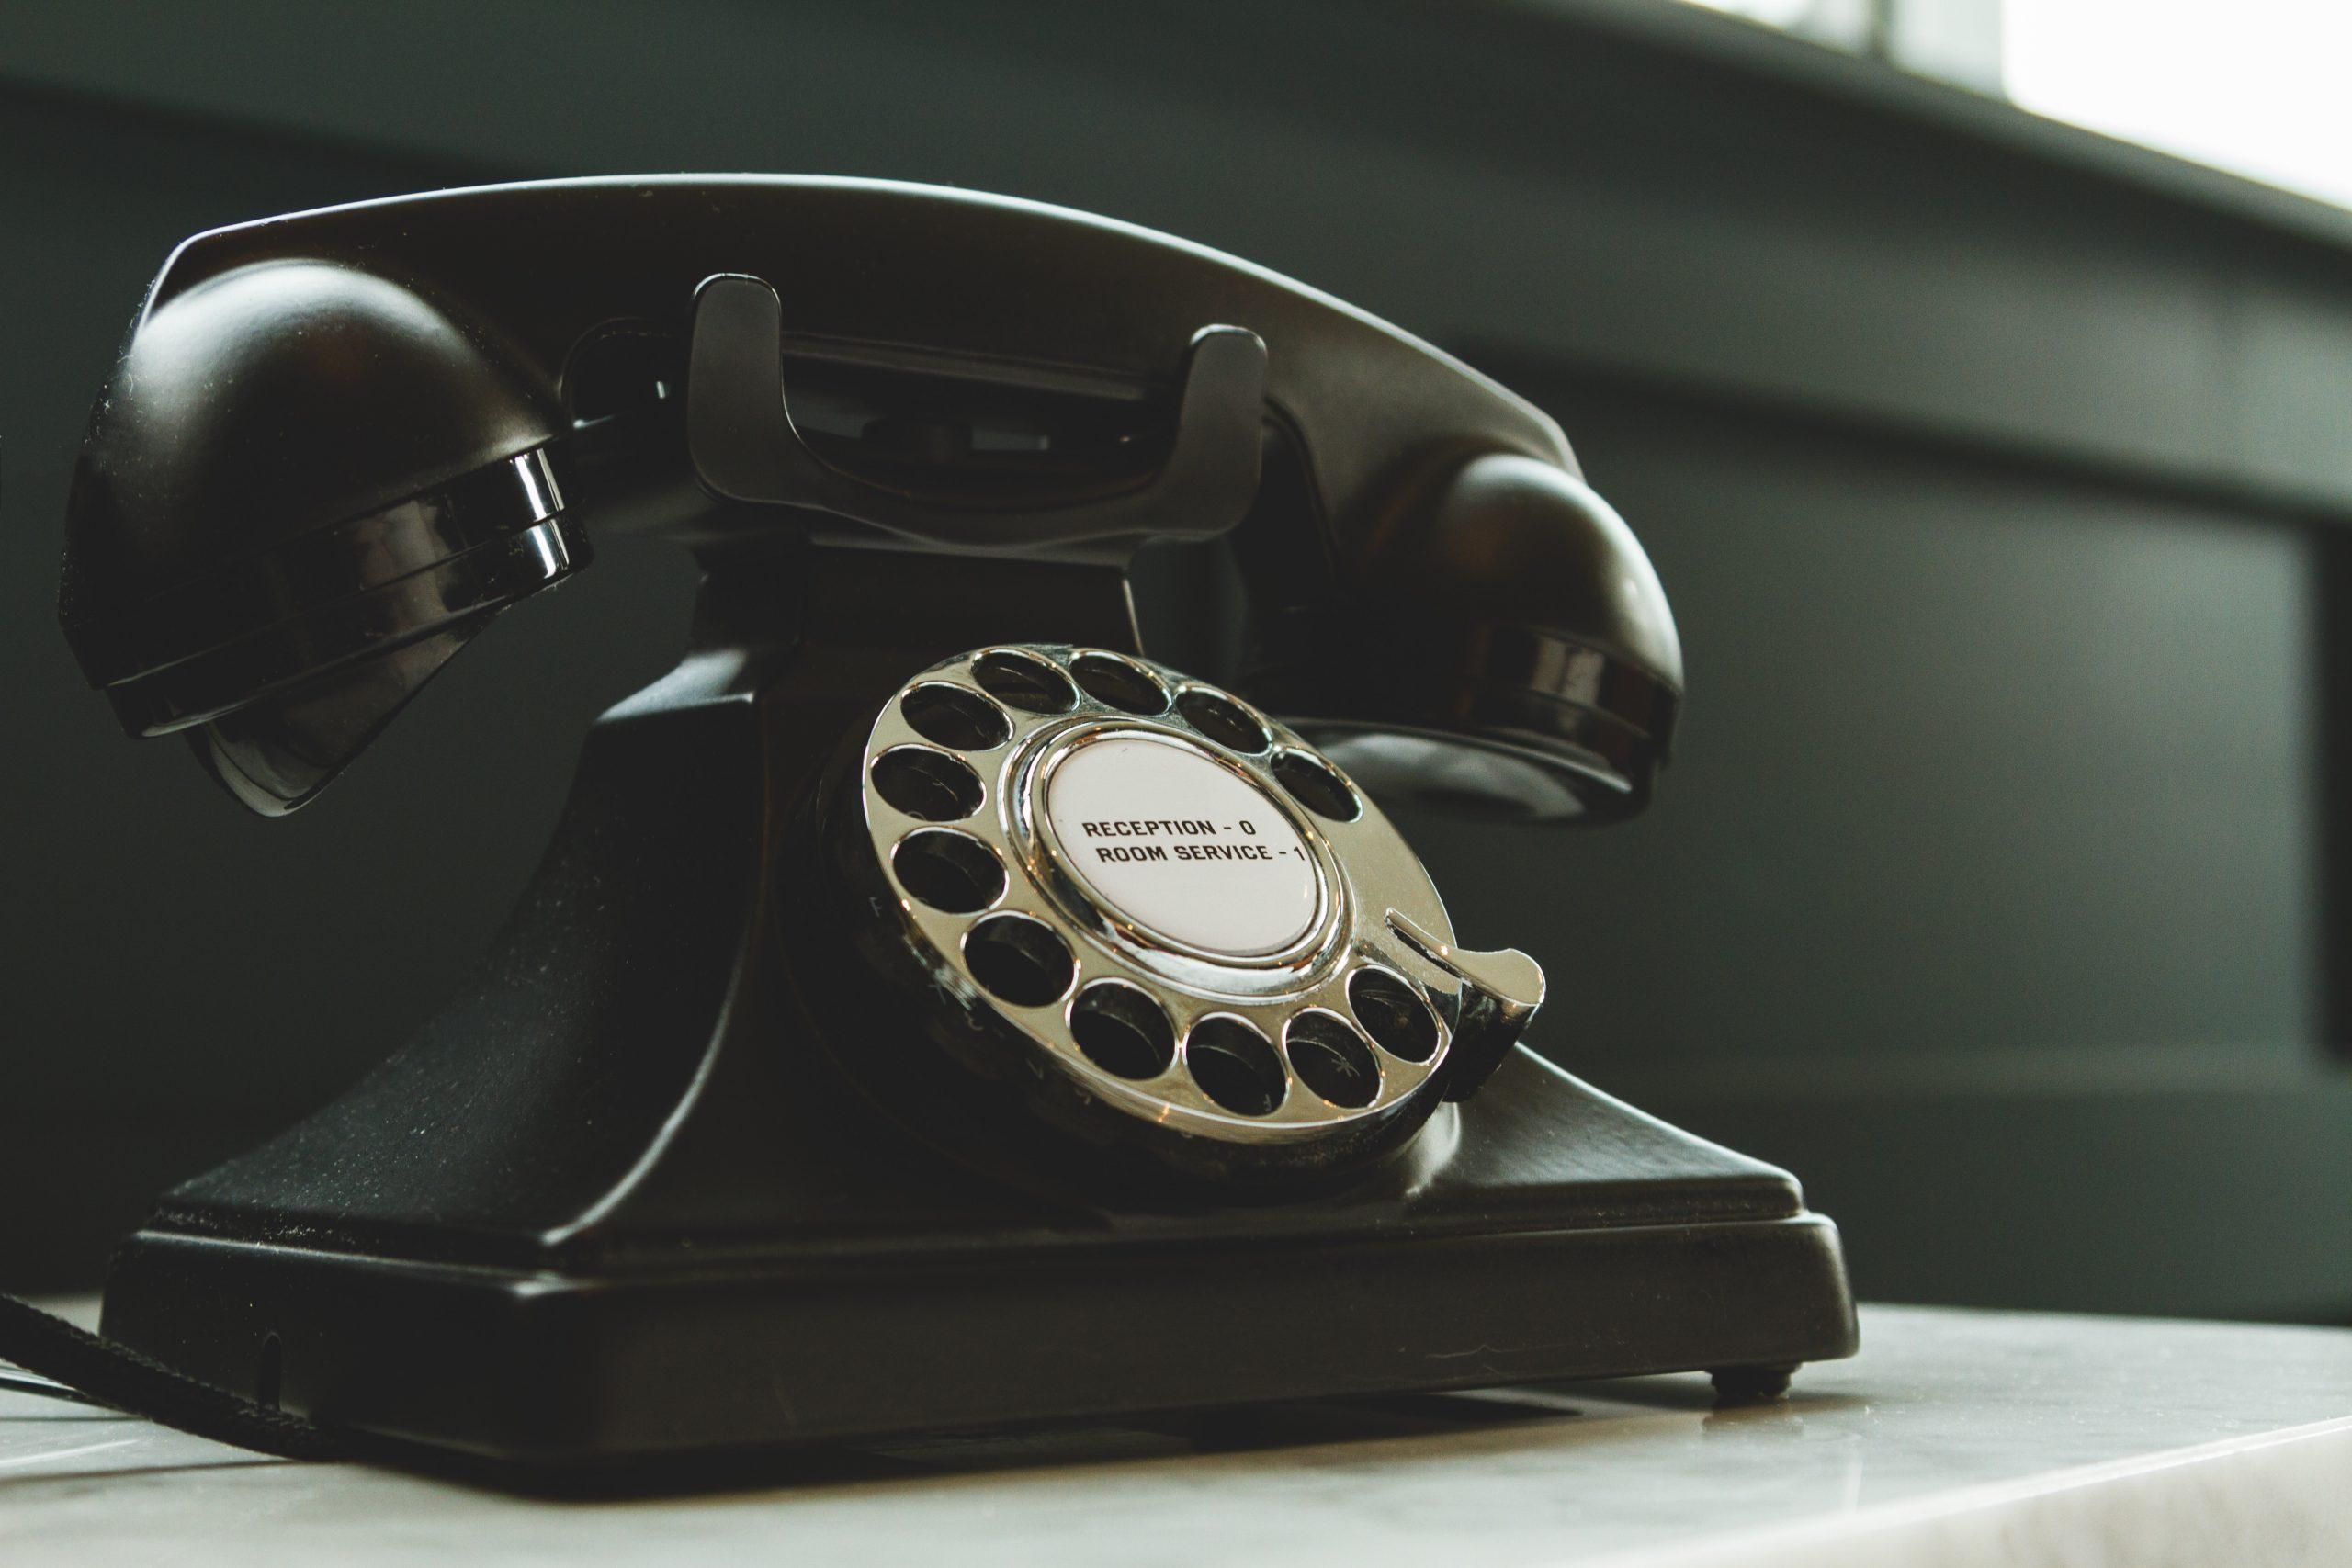 Maak jij nog gebruik van een vaste telefoonaansluiting?